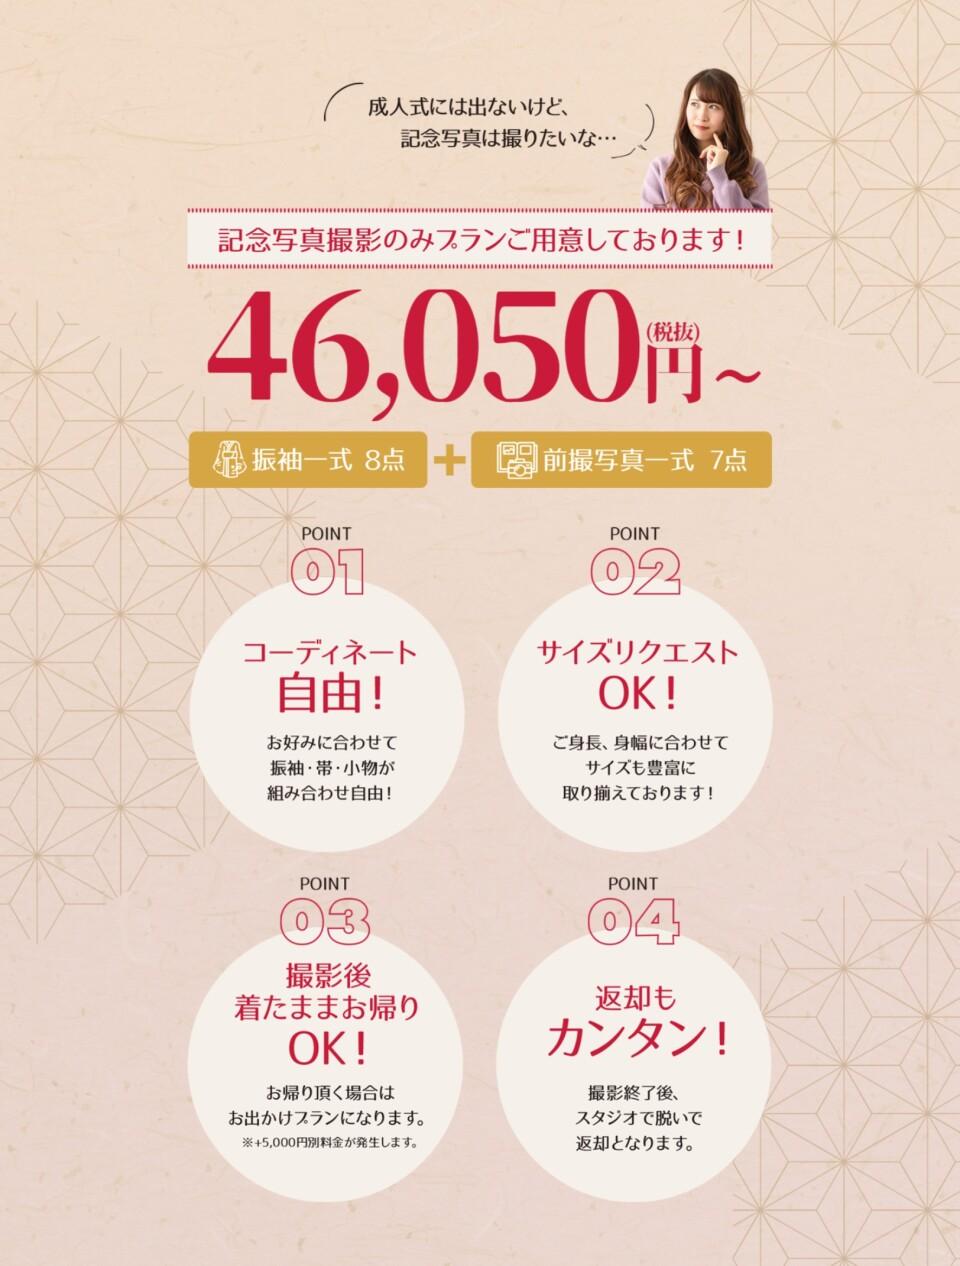 FireShot Capture 1503 - オンリーワンになれる! 振袖フェア開催|成人式の振袖レンタル・販売オンディーヌ - www.ondine.jp